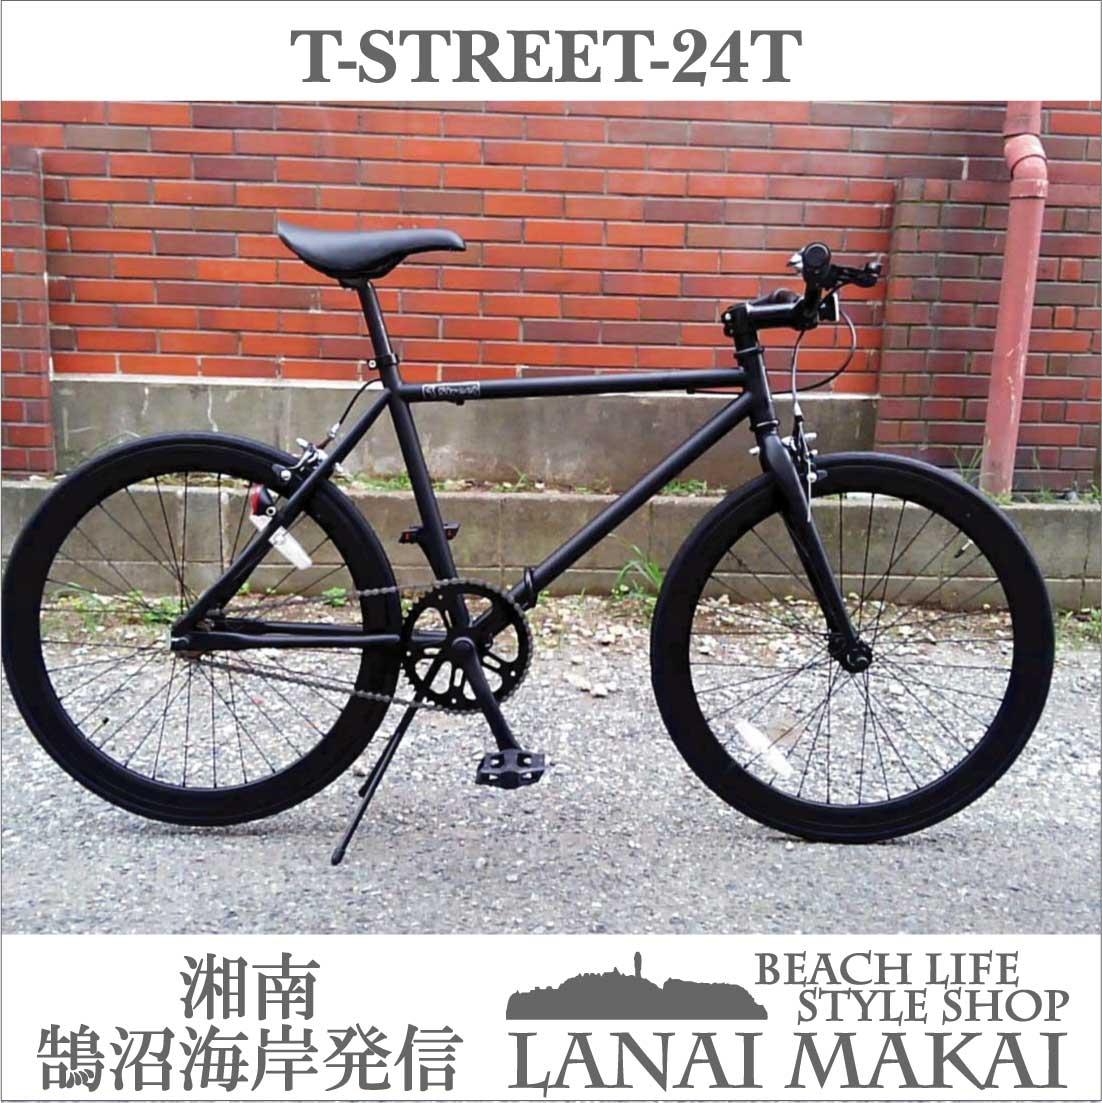 """【T-STREET 24inch】24インチ ストリートピストバイクCOLOR:マットブラック""""湘南鵠沼海岸発信""""自転車 ピストバイク メンズ レディース 24インチ レインボー T-STREET"""